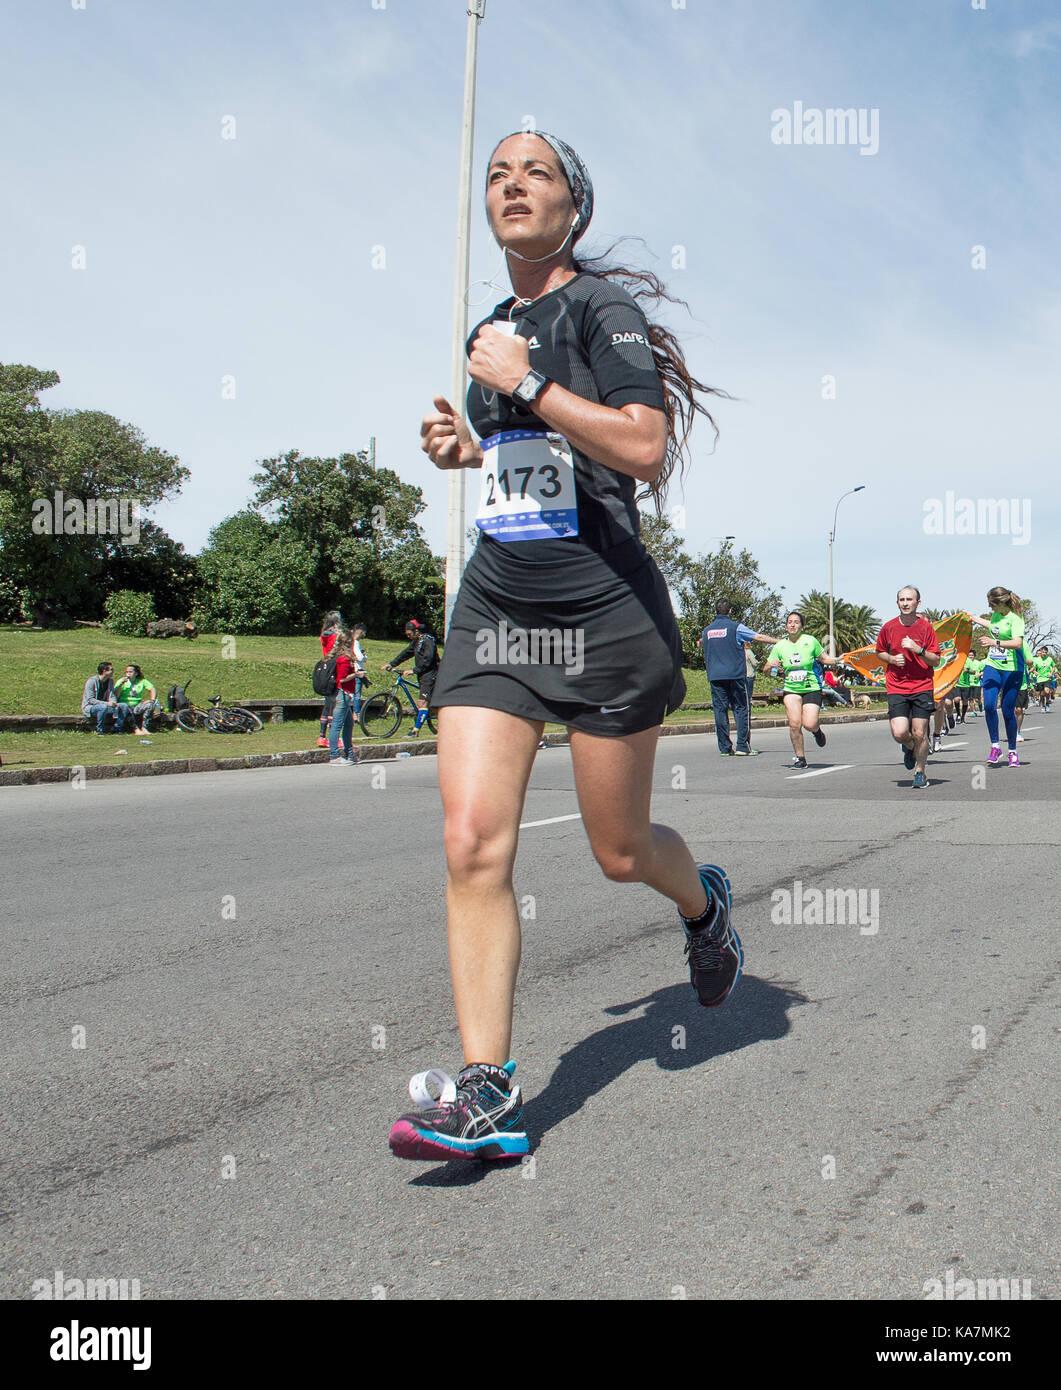 Montevideo, Uruguay - Septiembre 24, 2017: corredor en la carrera mundial de energía. Imagen De Stock